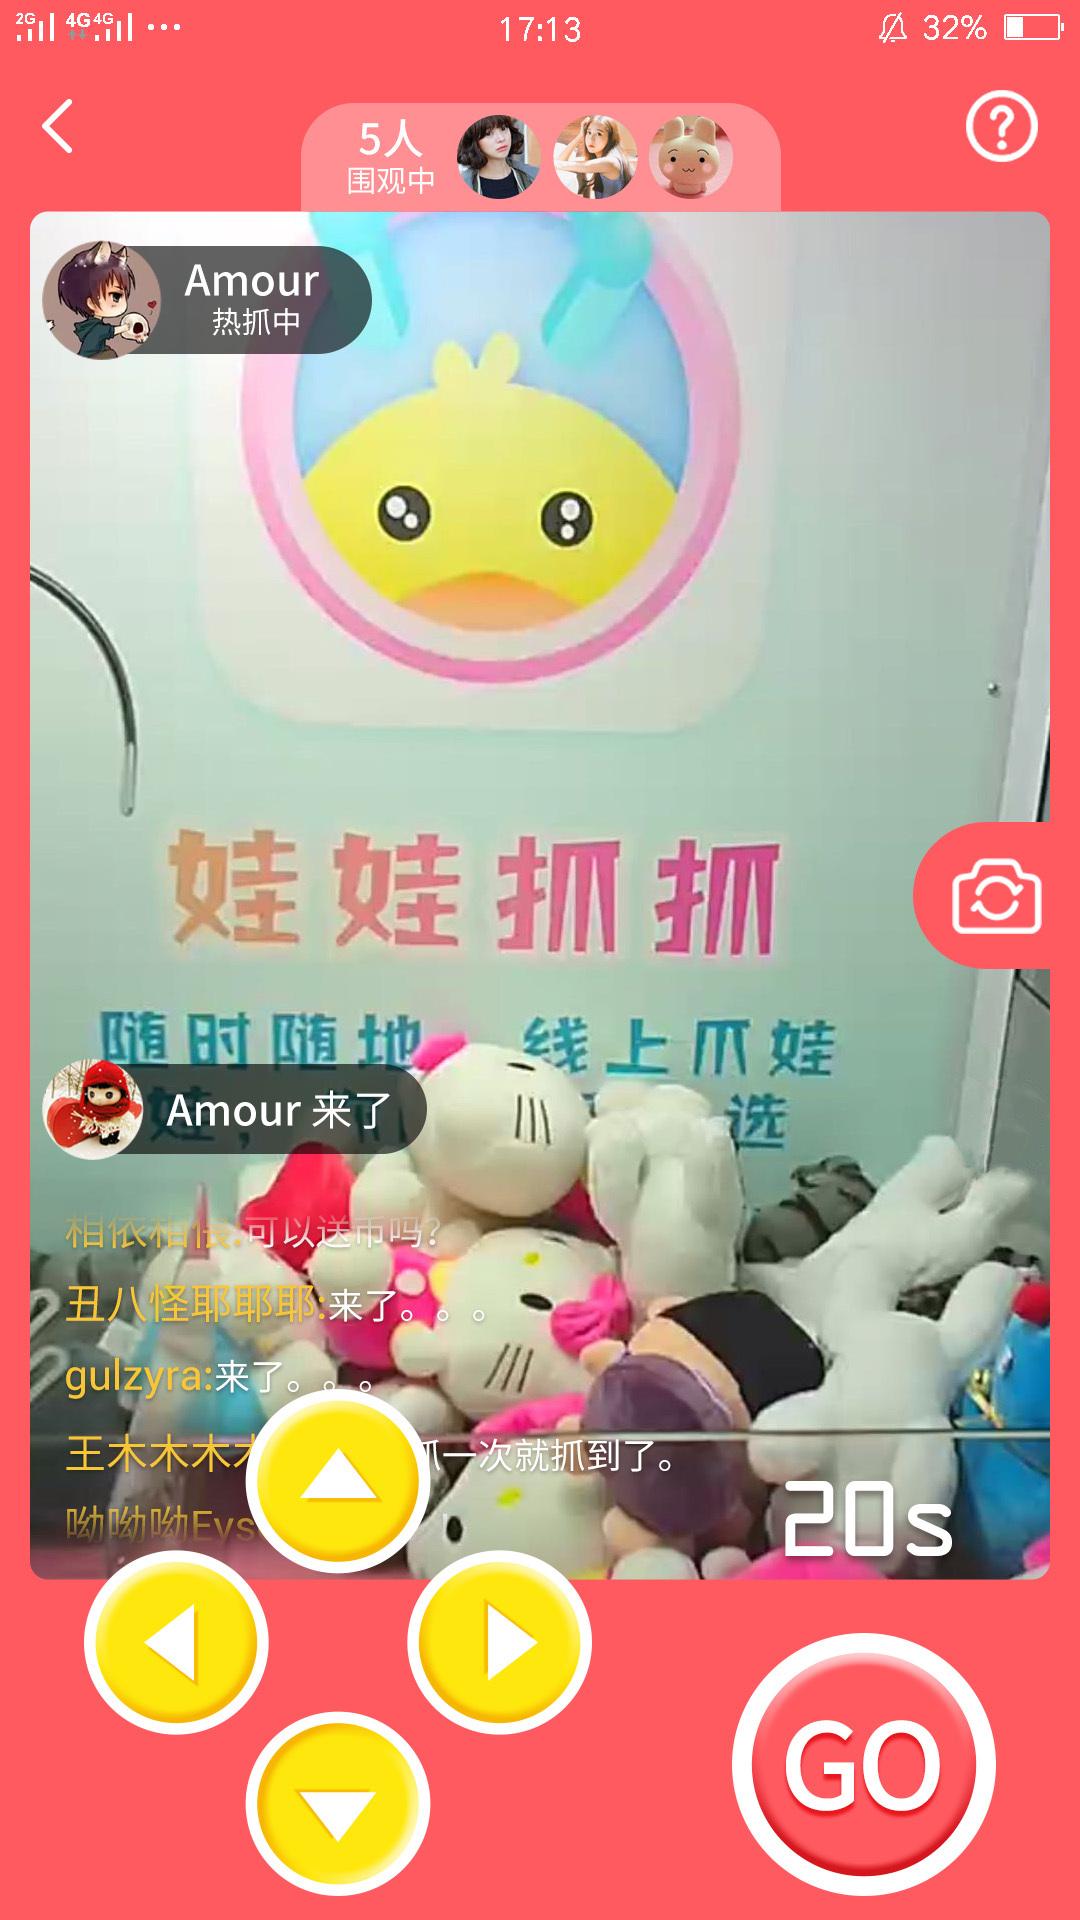 娃娃抓抓娃娃机 V1.1.6 安卓版截图1